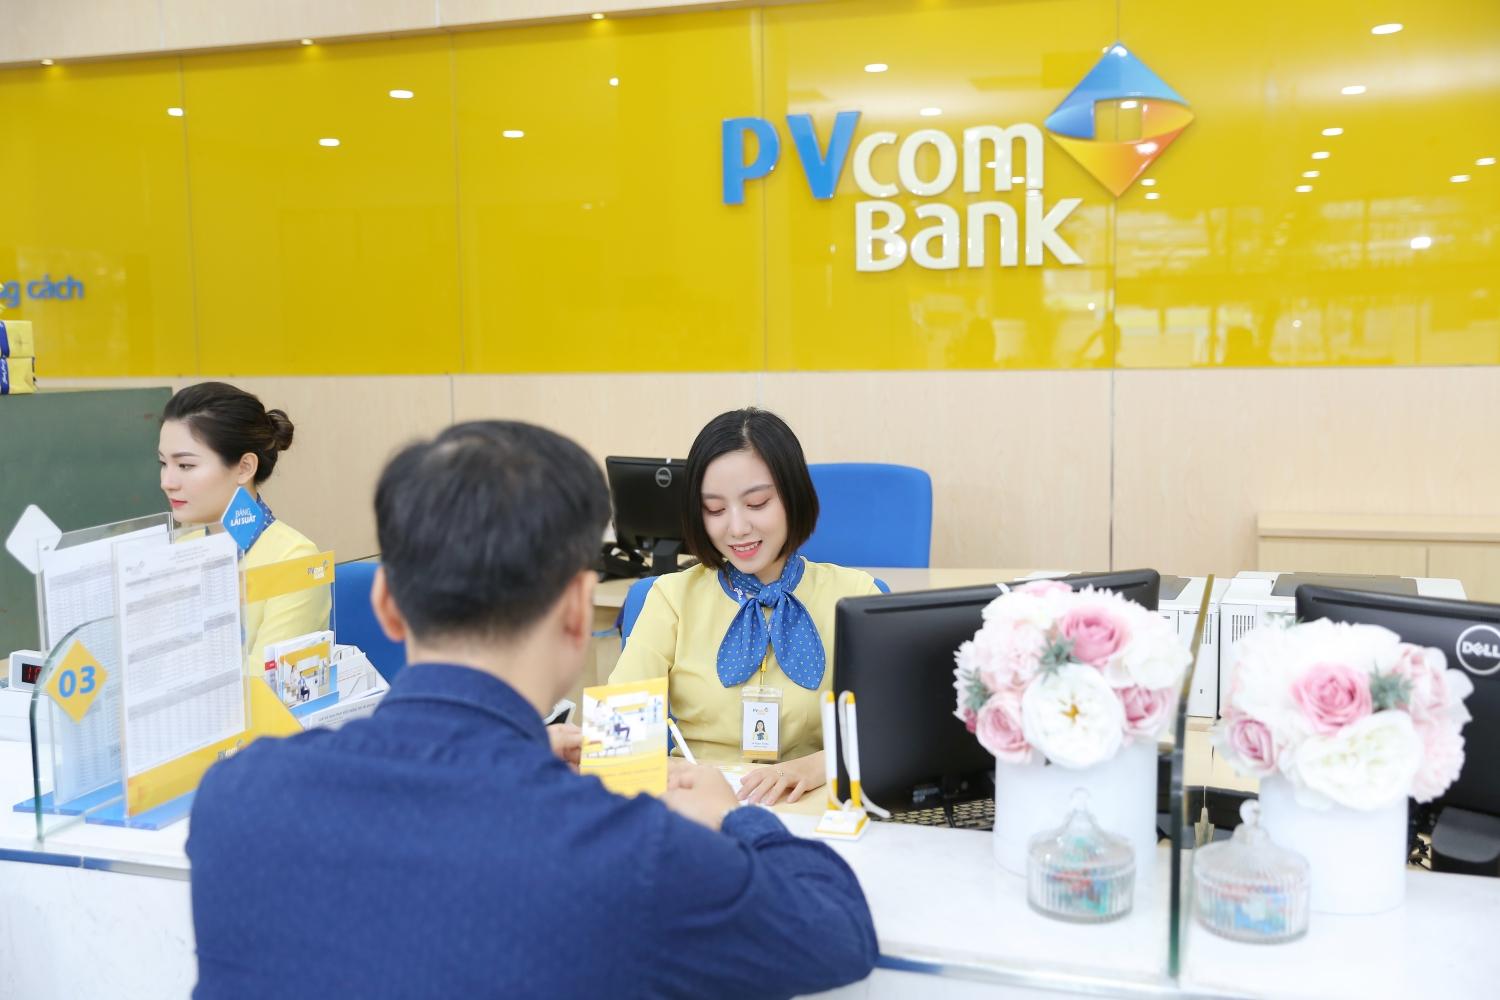 Cùng PVcomBank rước lộc xuân may mắn